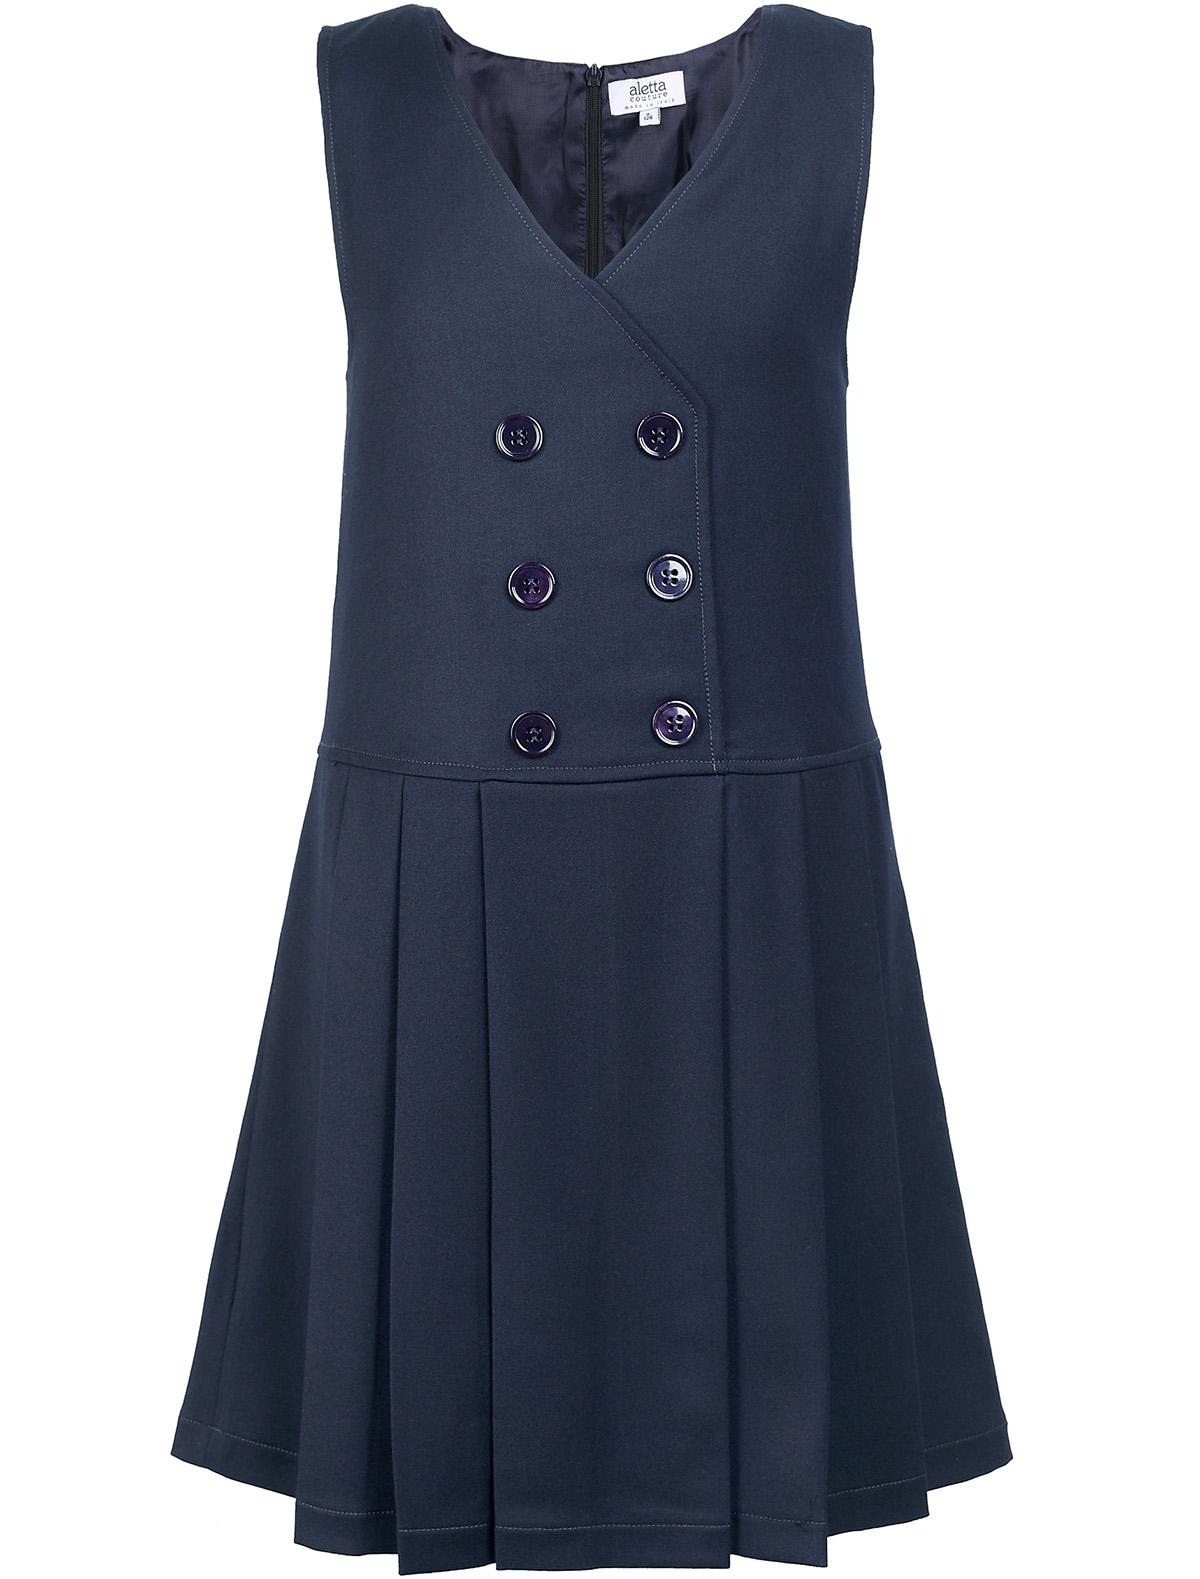 Купить 1867208, Платье Aletta, синий, Женский, 1050409680036